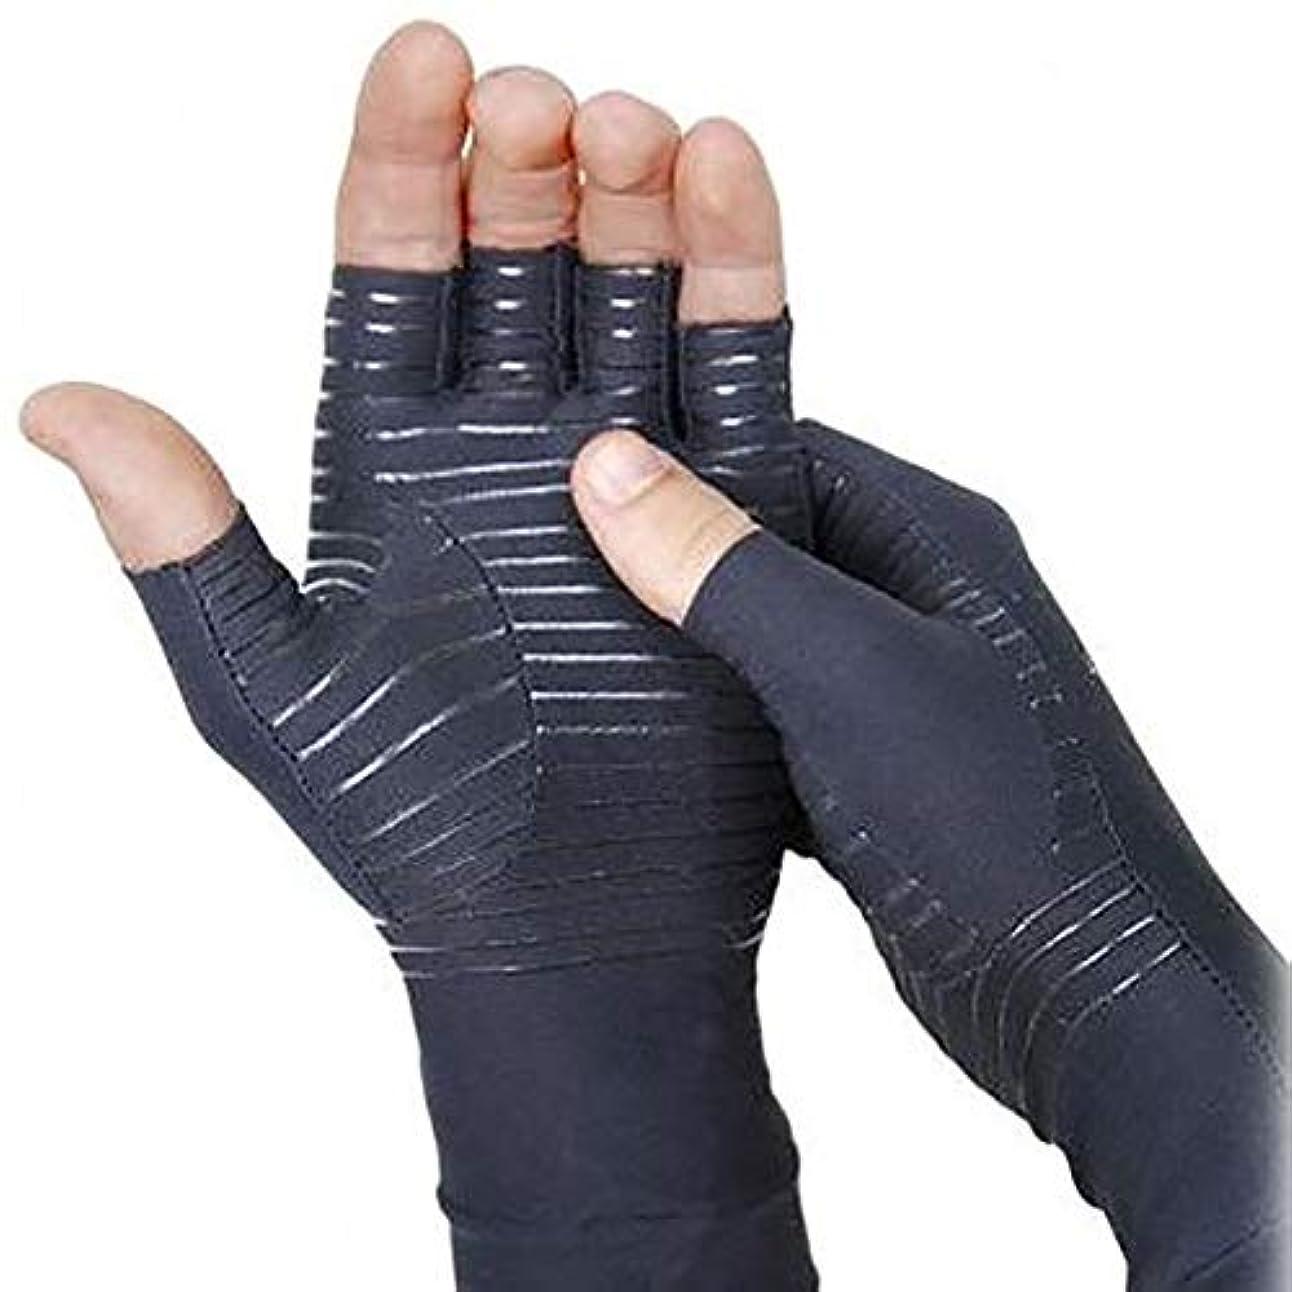 の前で中国インフラBOBORA 関節炎手袋 着圧手袋 指なし手袋 着圧引き締め 銅イオン繊維 関節ストレス 手首サポーター スライドタッチ手袋 男女共用 1ペア入り